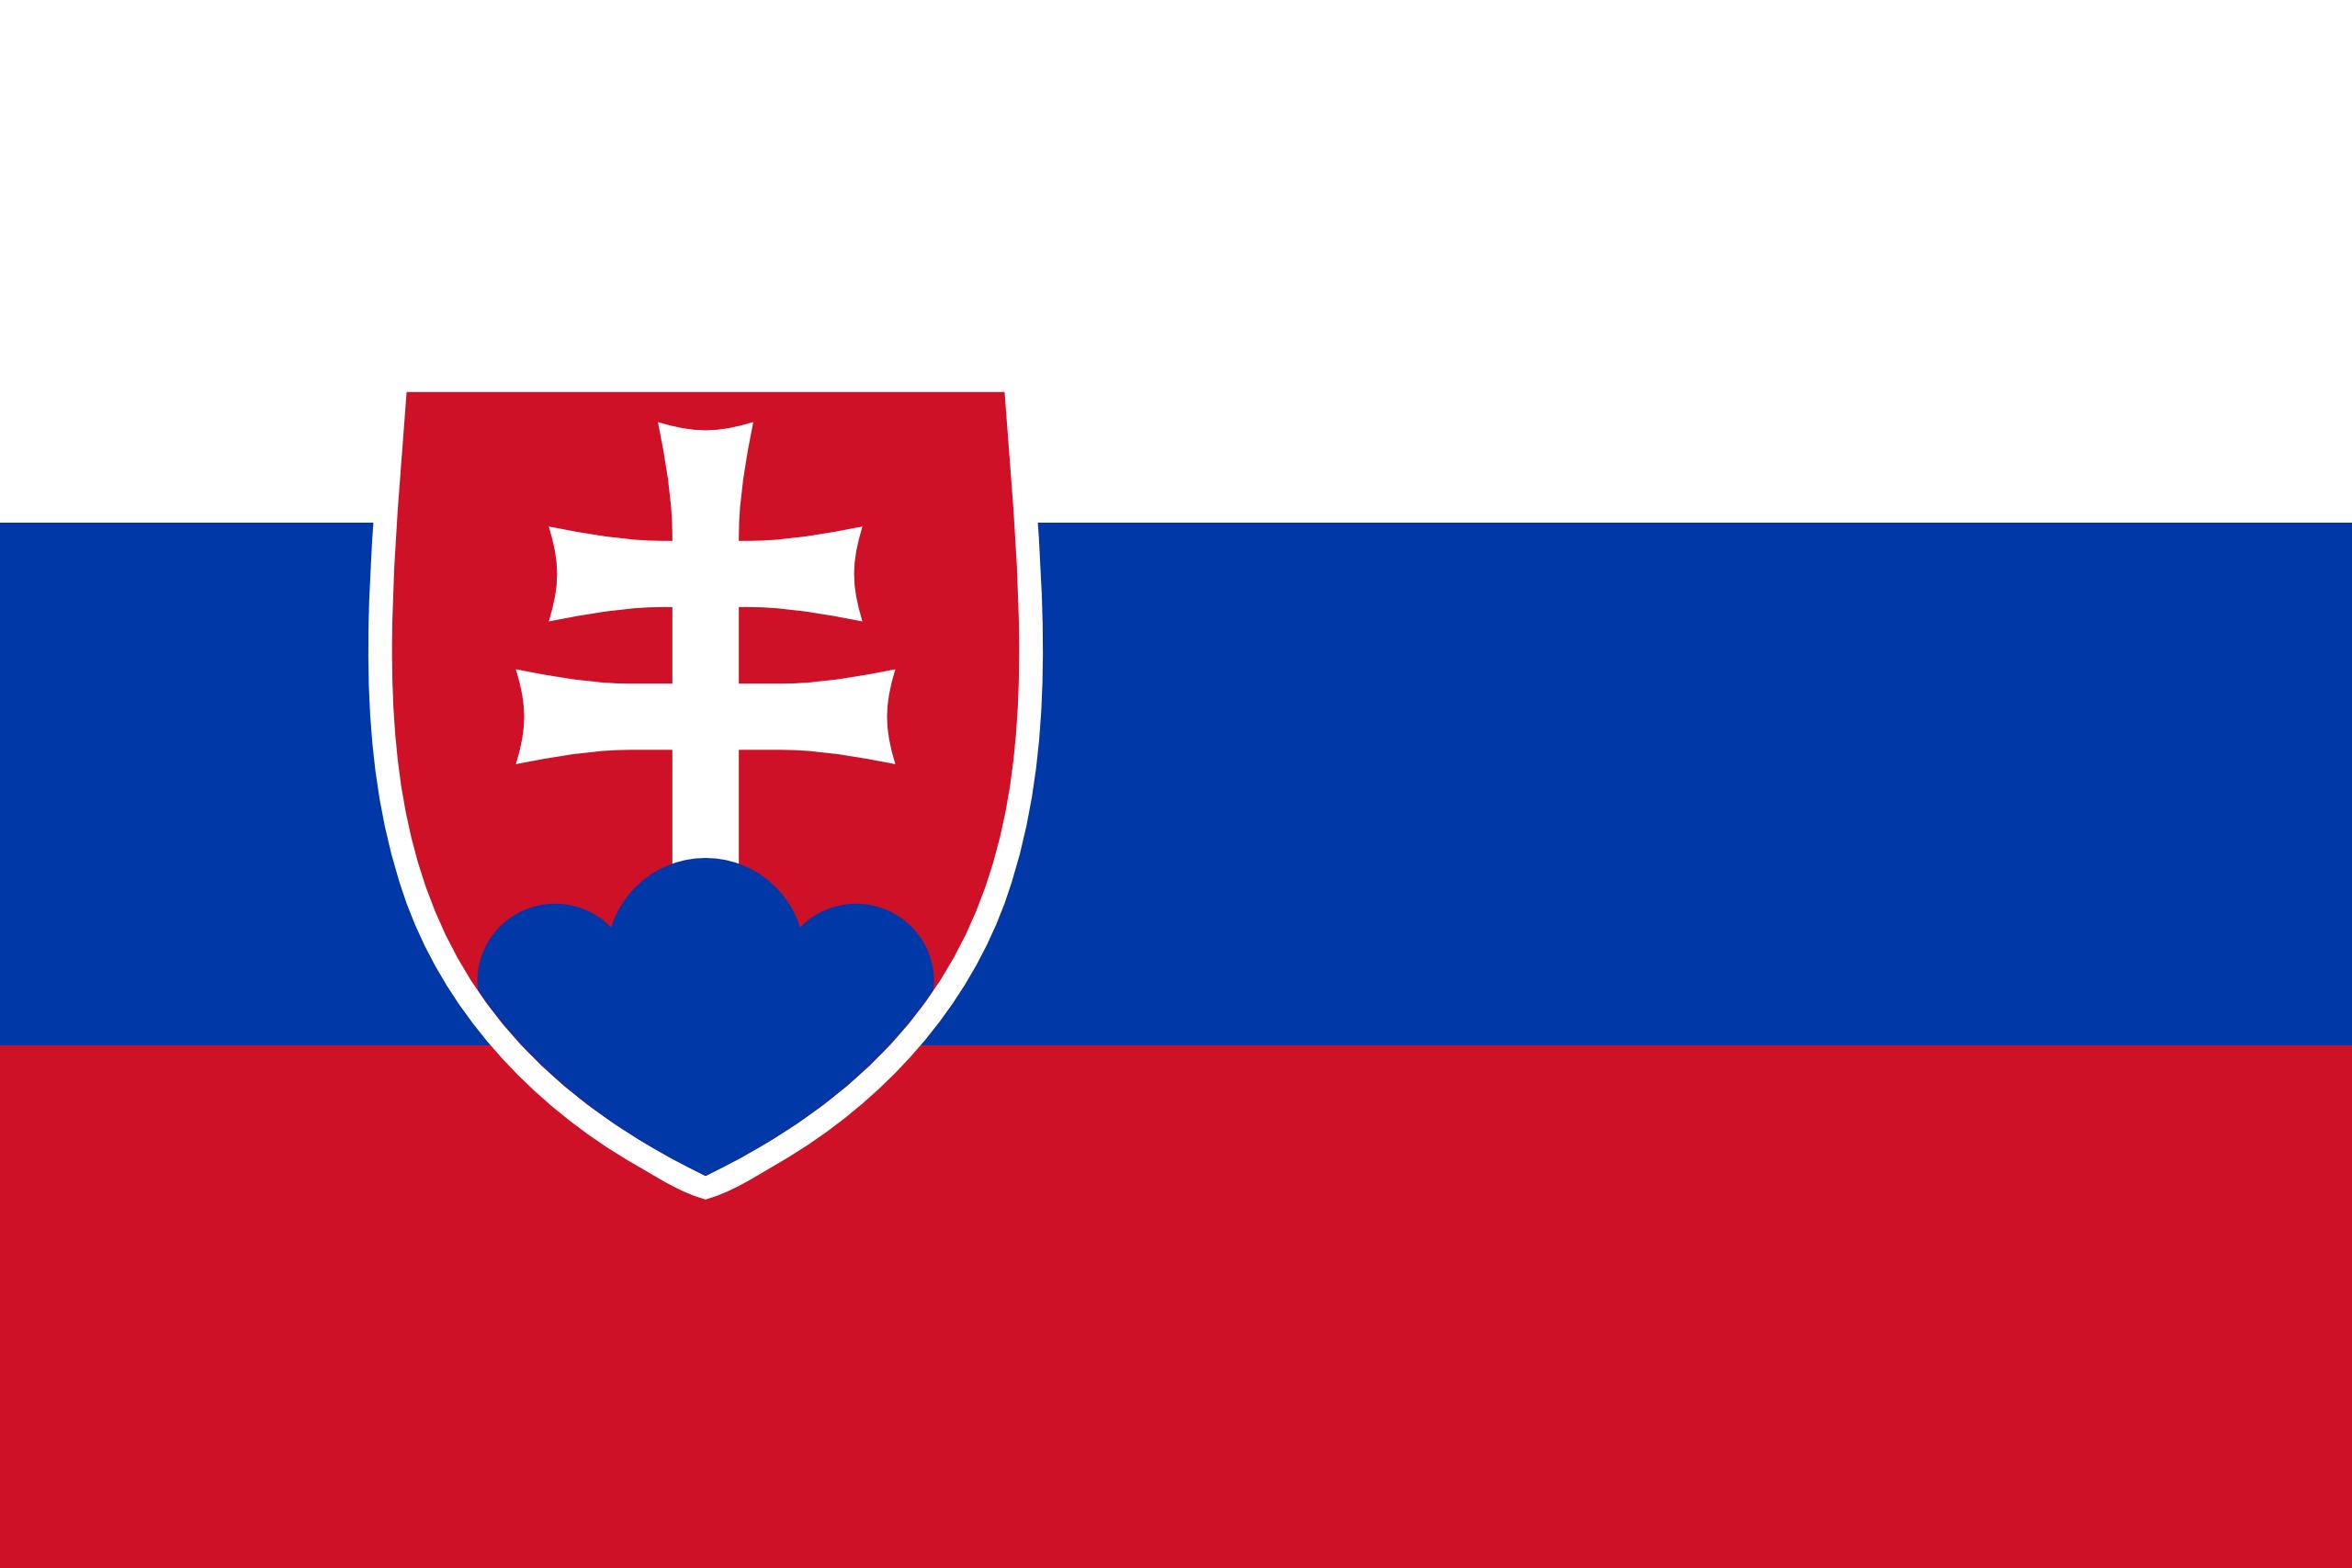 Eslováquia, país, Brasão de armas, logotipo, símbolo - Papéis de parede HD - Professor-falken.com